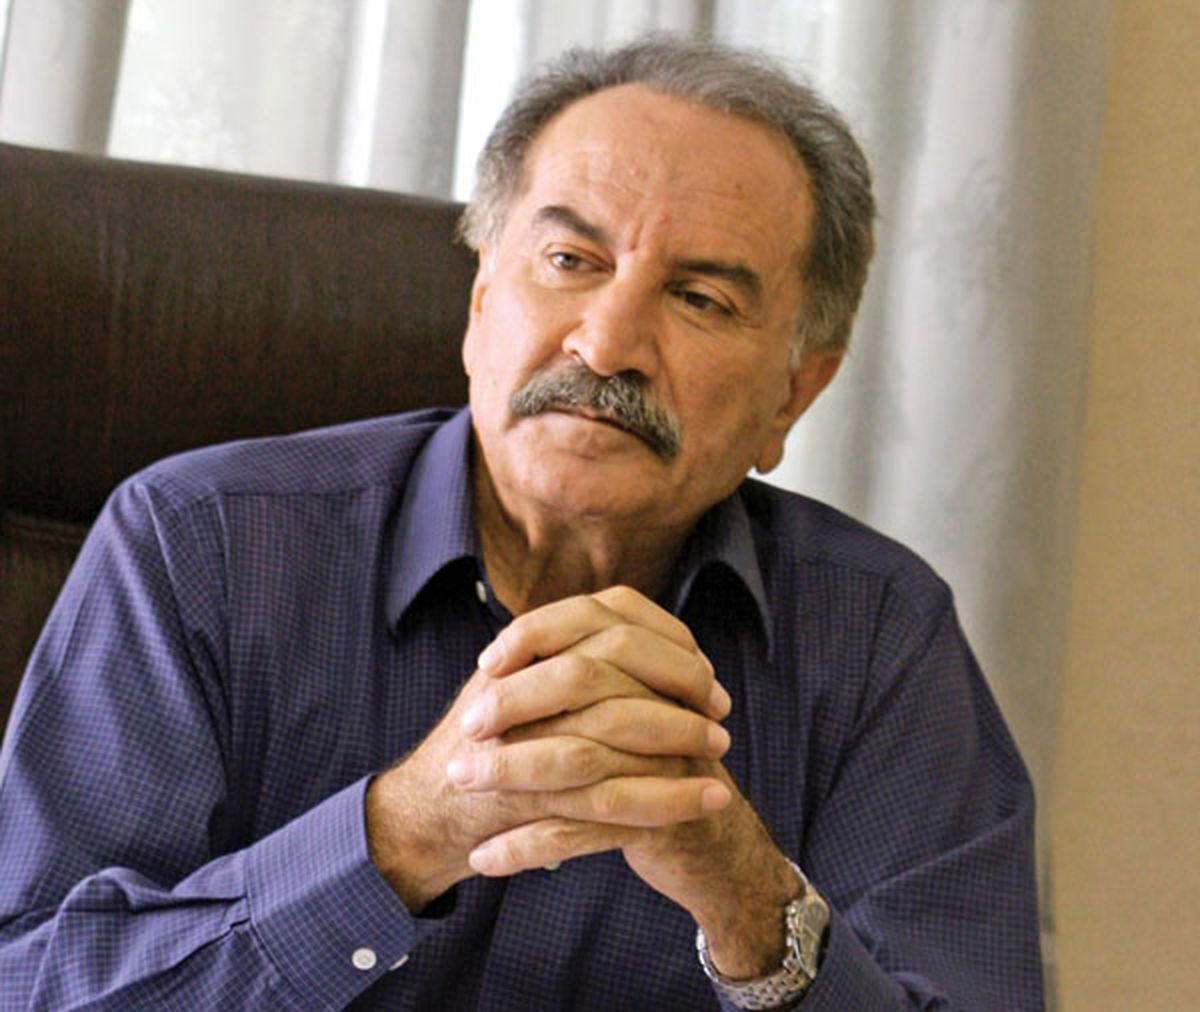 پیام تسلیت مدیرعامل بانک کارآفرین به مناسبت درگذشت جمشید پژویان